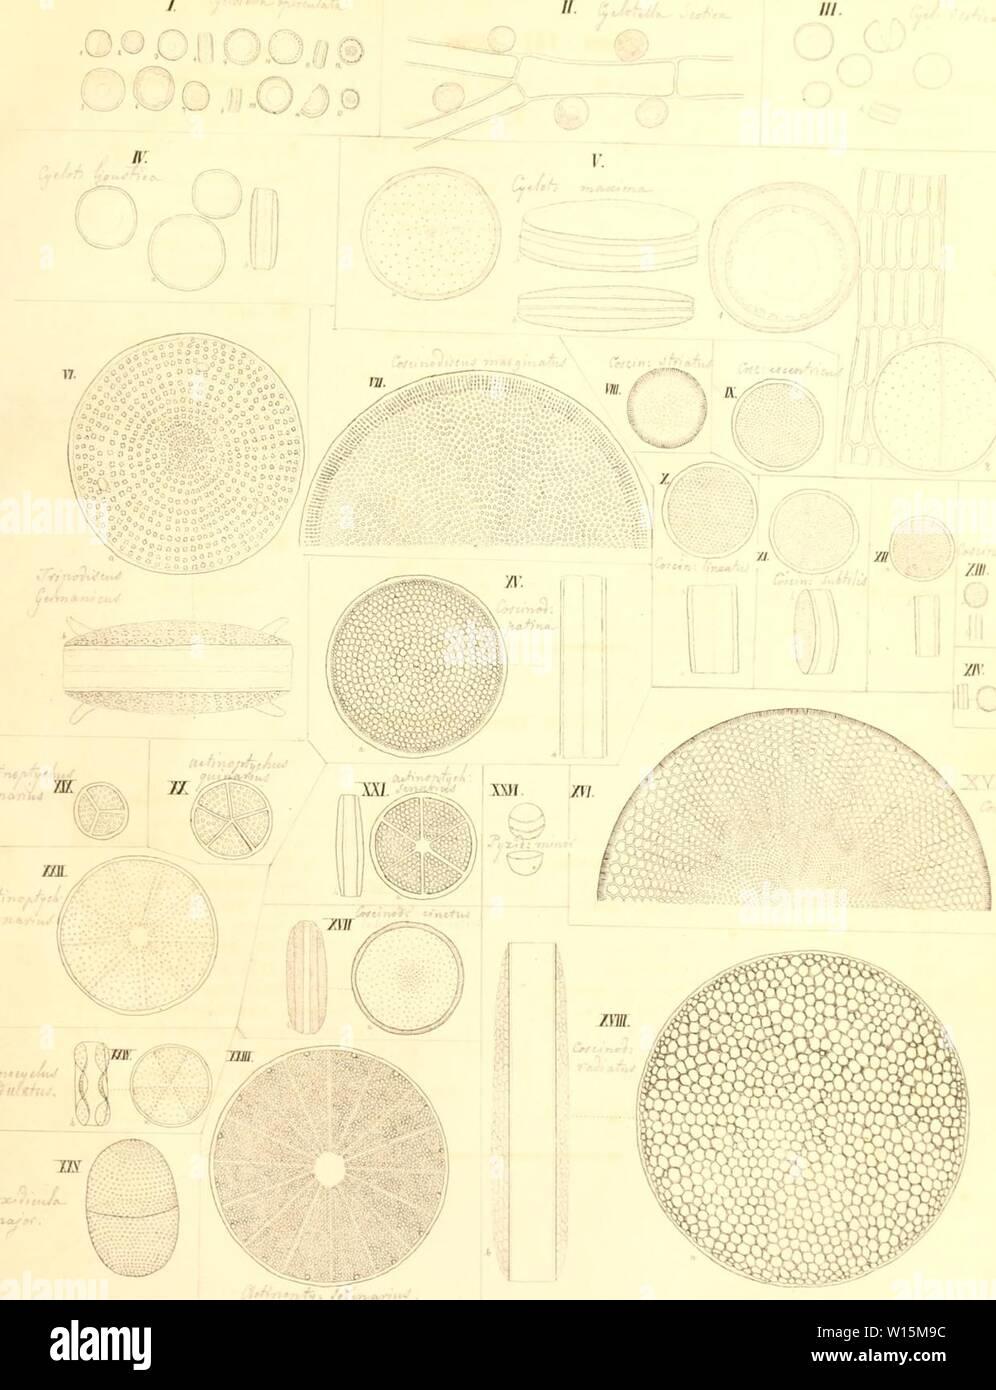 Immagine di archivio da pagina 164 di morire kieselschaligen Bacillarien oder Diatomeen. Die kieselschaligen Bacillarien oder Diatomeen . diekieselschalig00ktzi Anno: 1844 / : Foto Stock